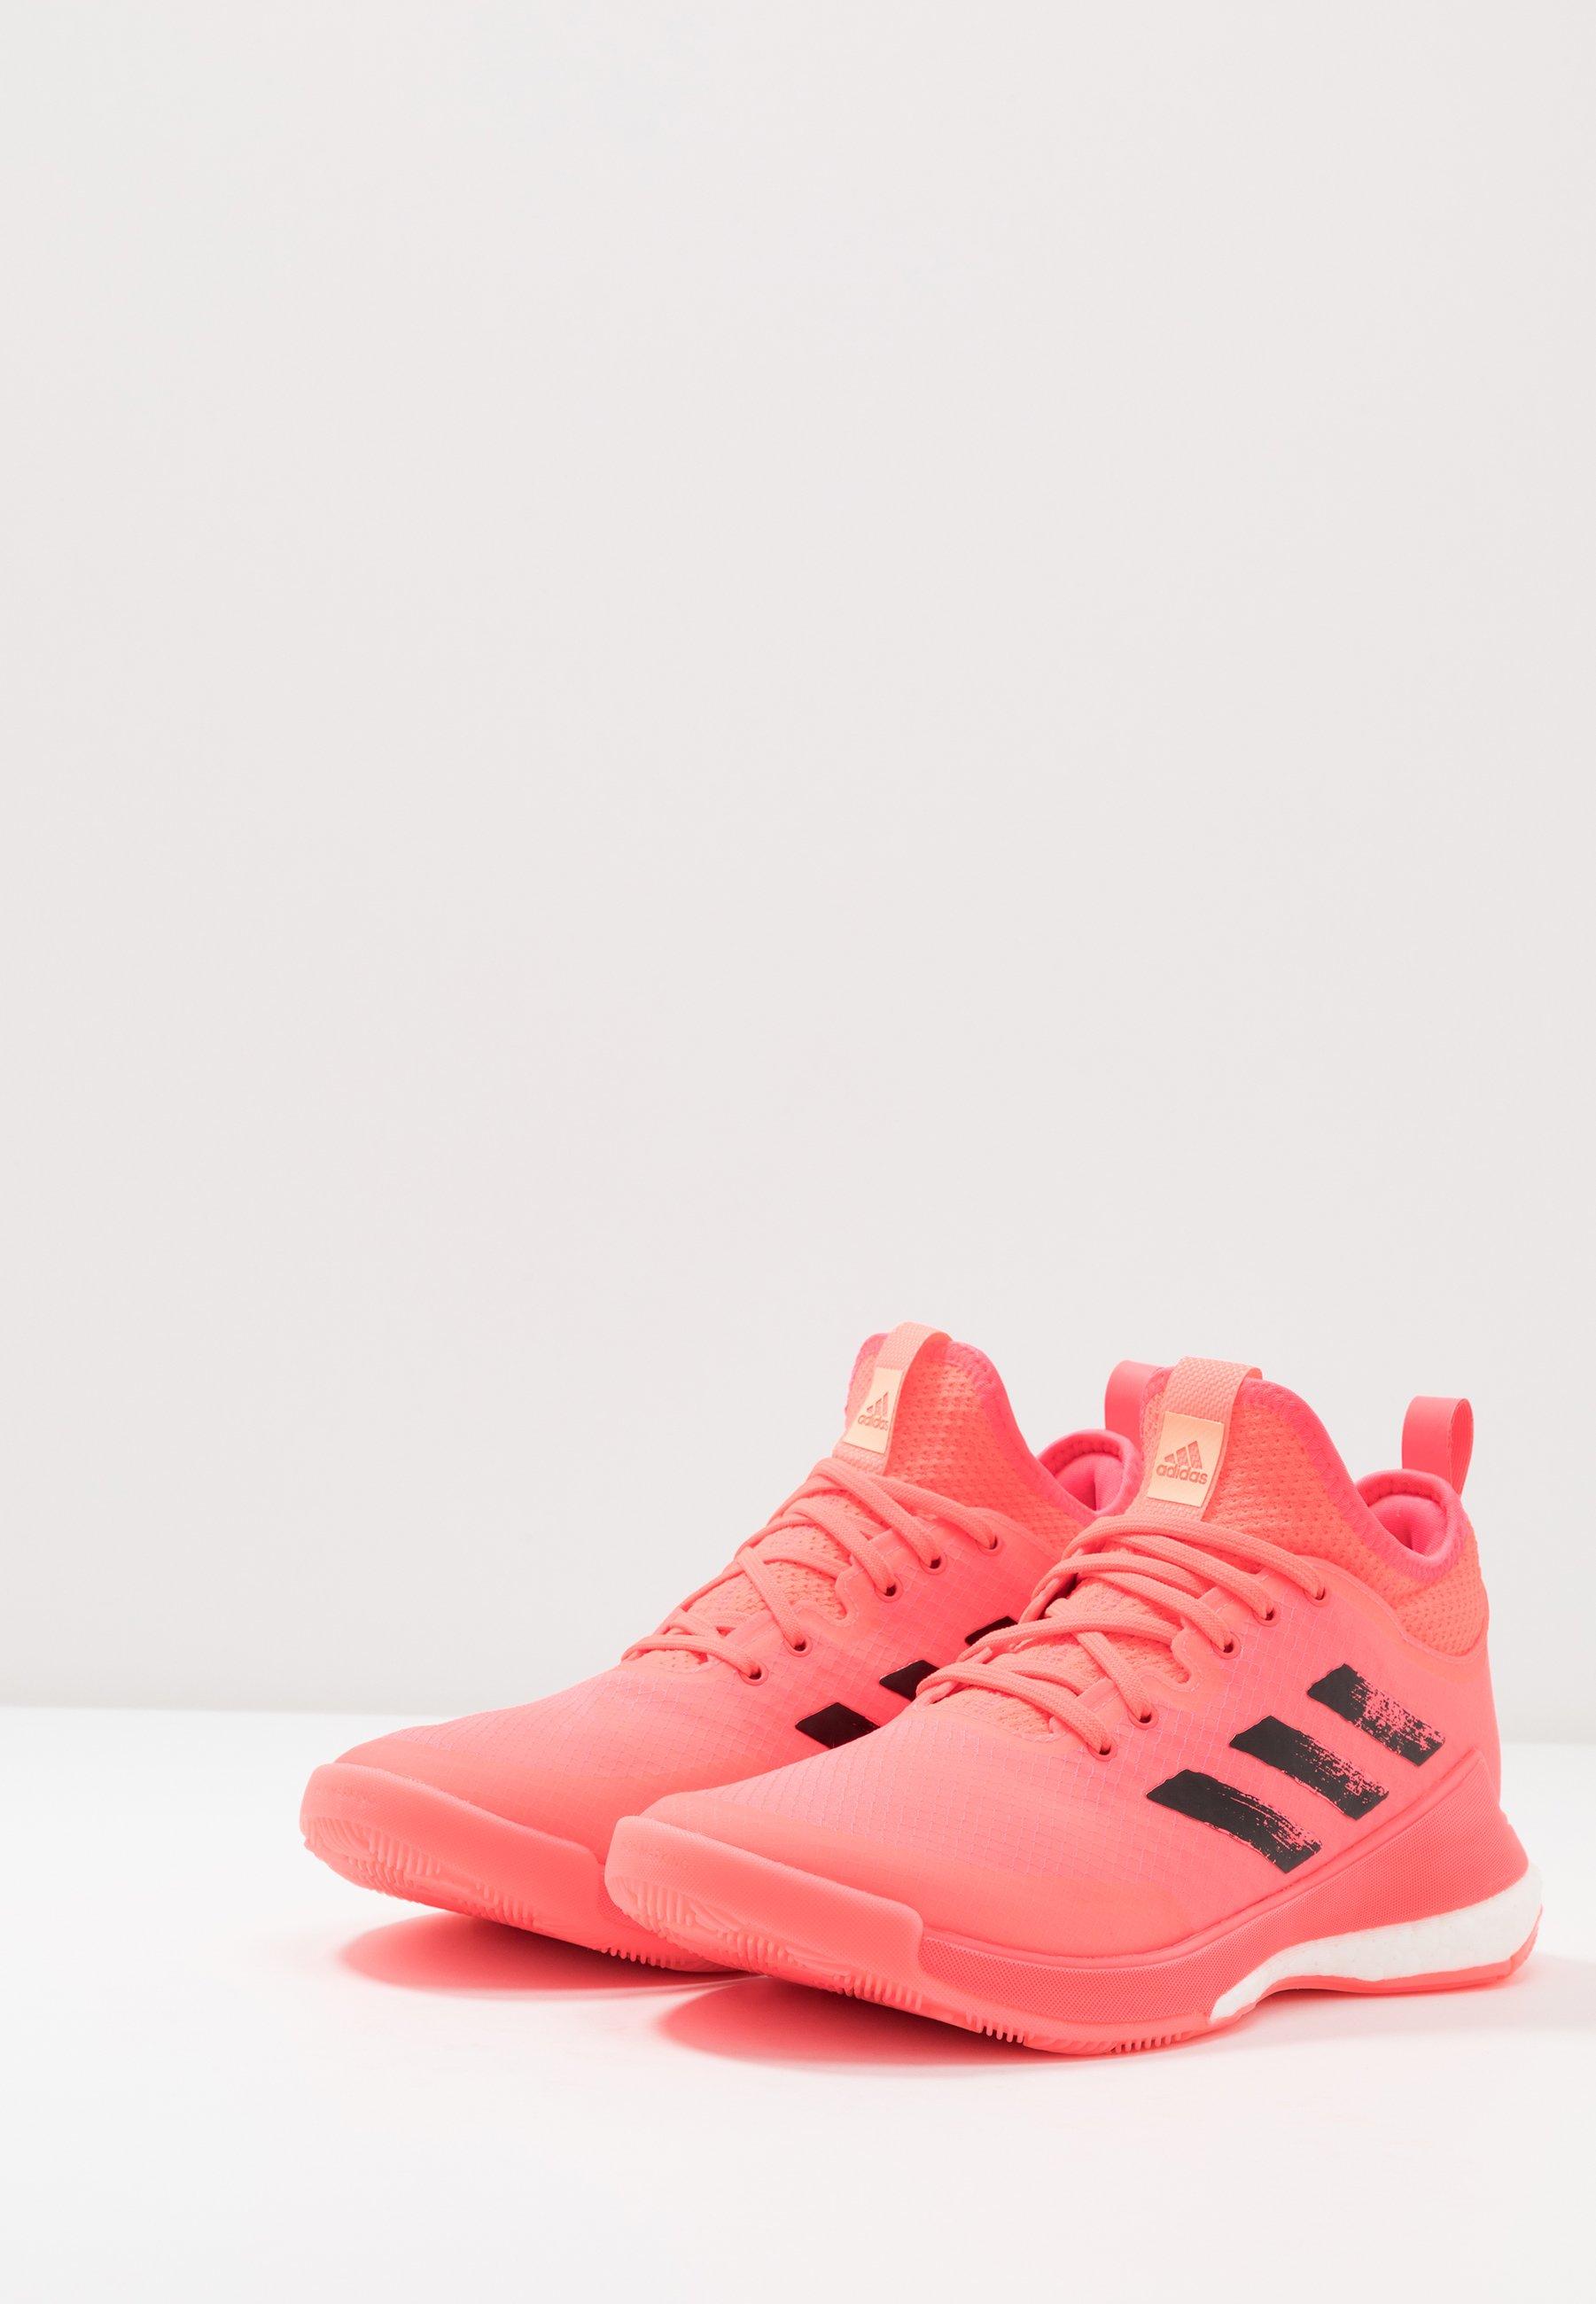 Sconto Scarpe da Donna adidas Performance CRAZYFLIGHT MID TOKYO Scarpe da pallavolo signal pink/core black